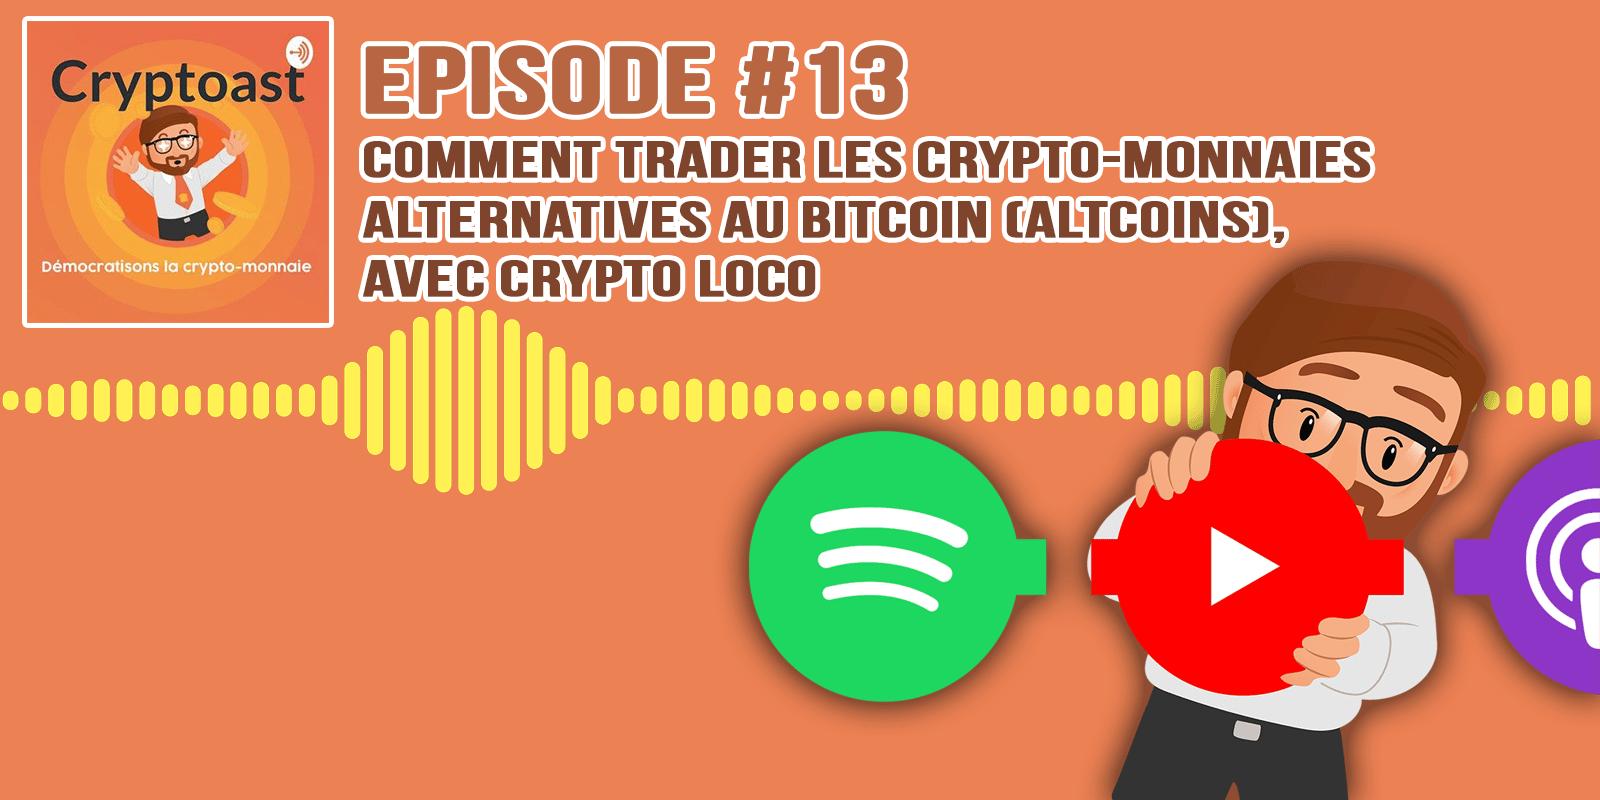 Comment trader de la crypto monnaie ?